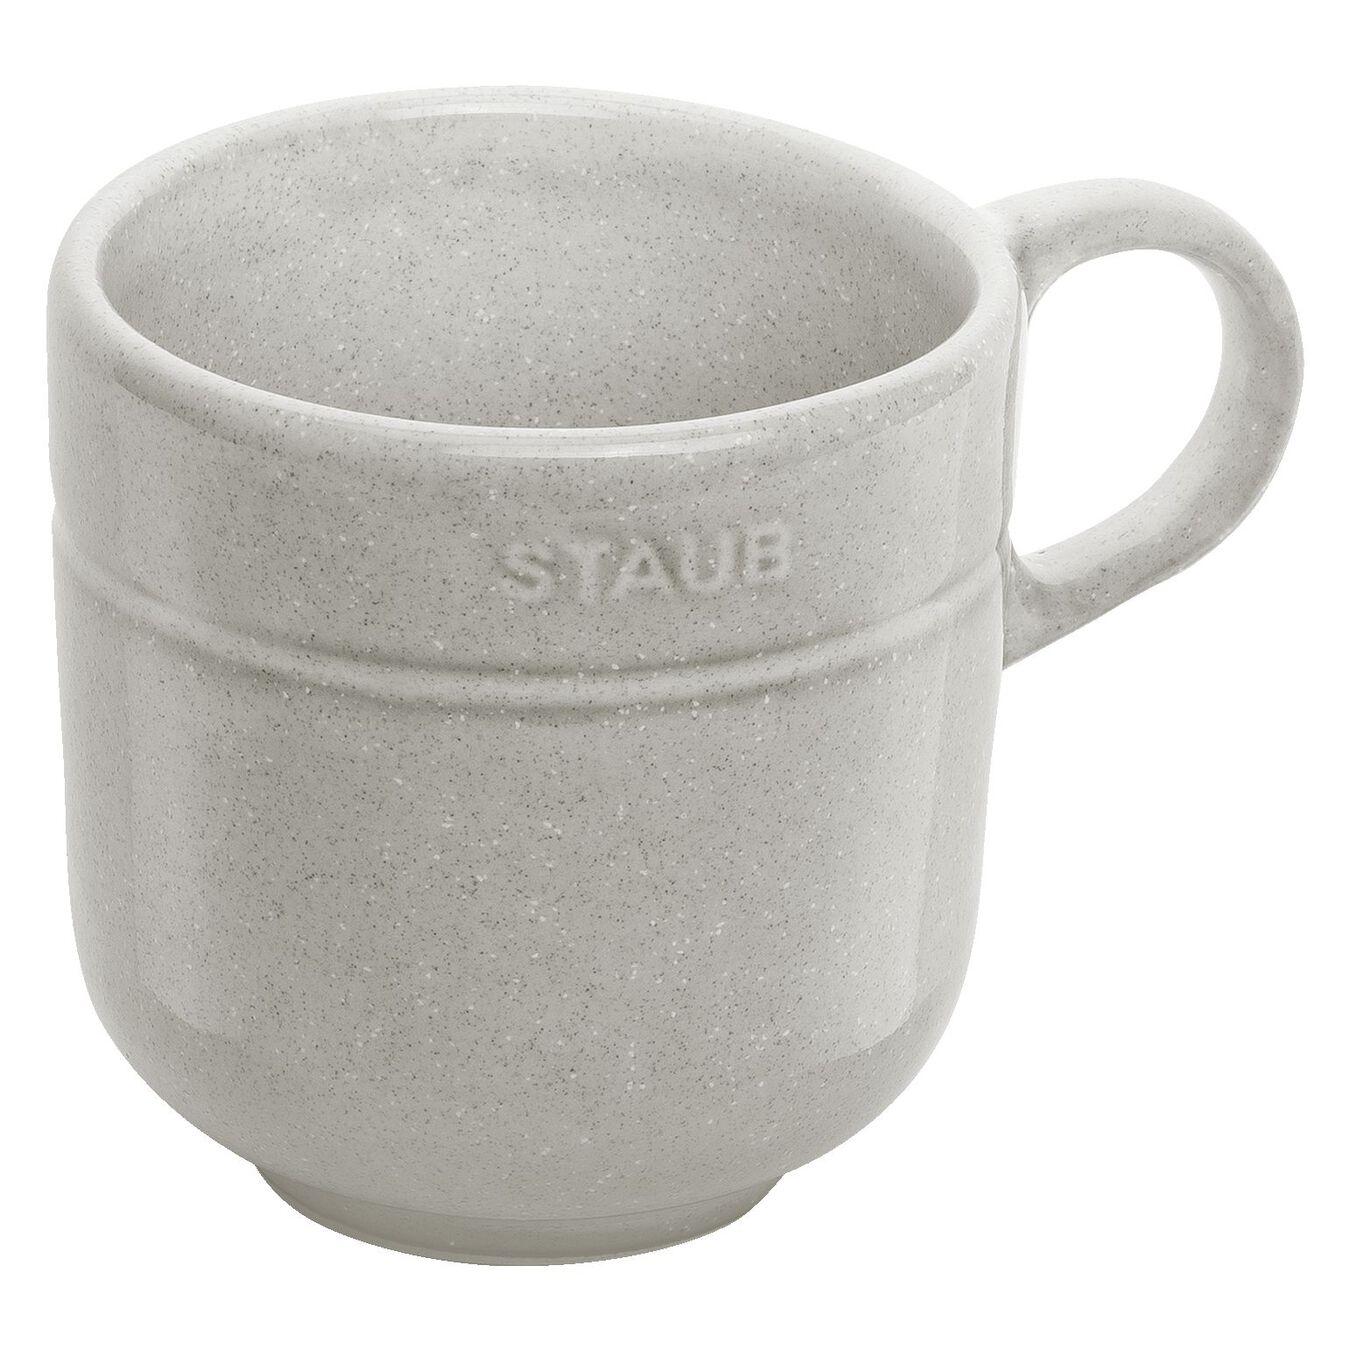 Mug 200 ml, White Truffle, Céramique,,large 1